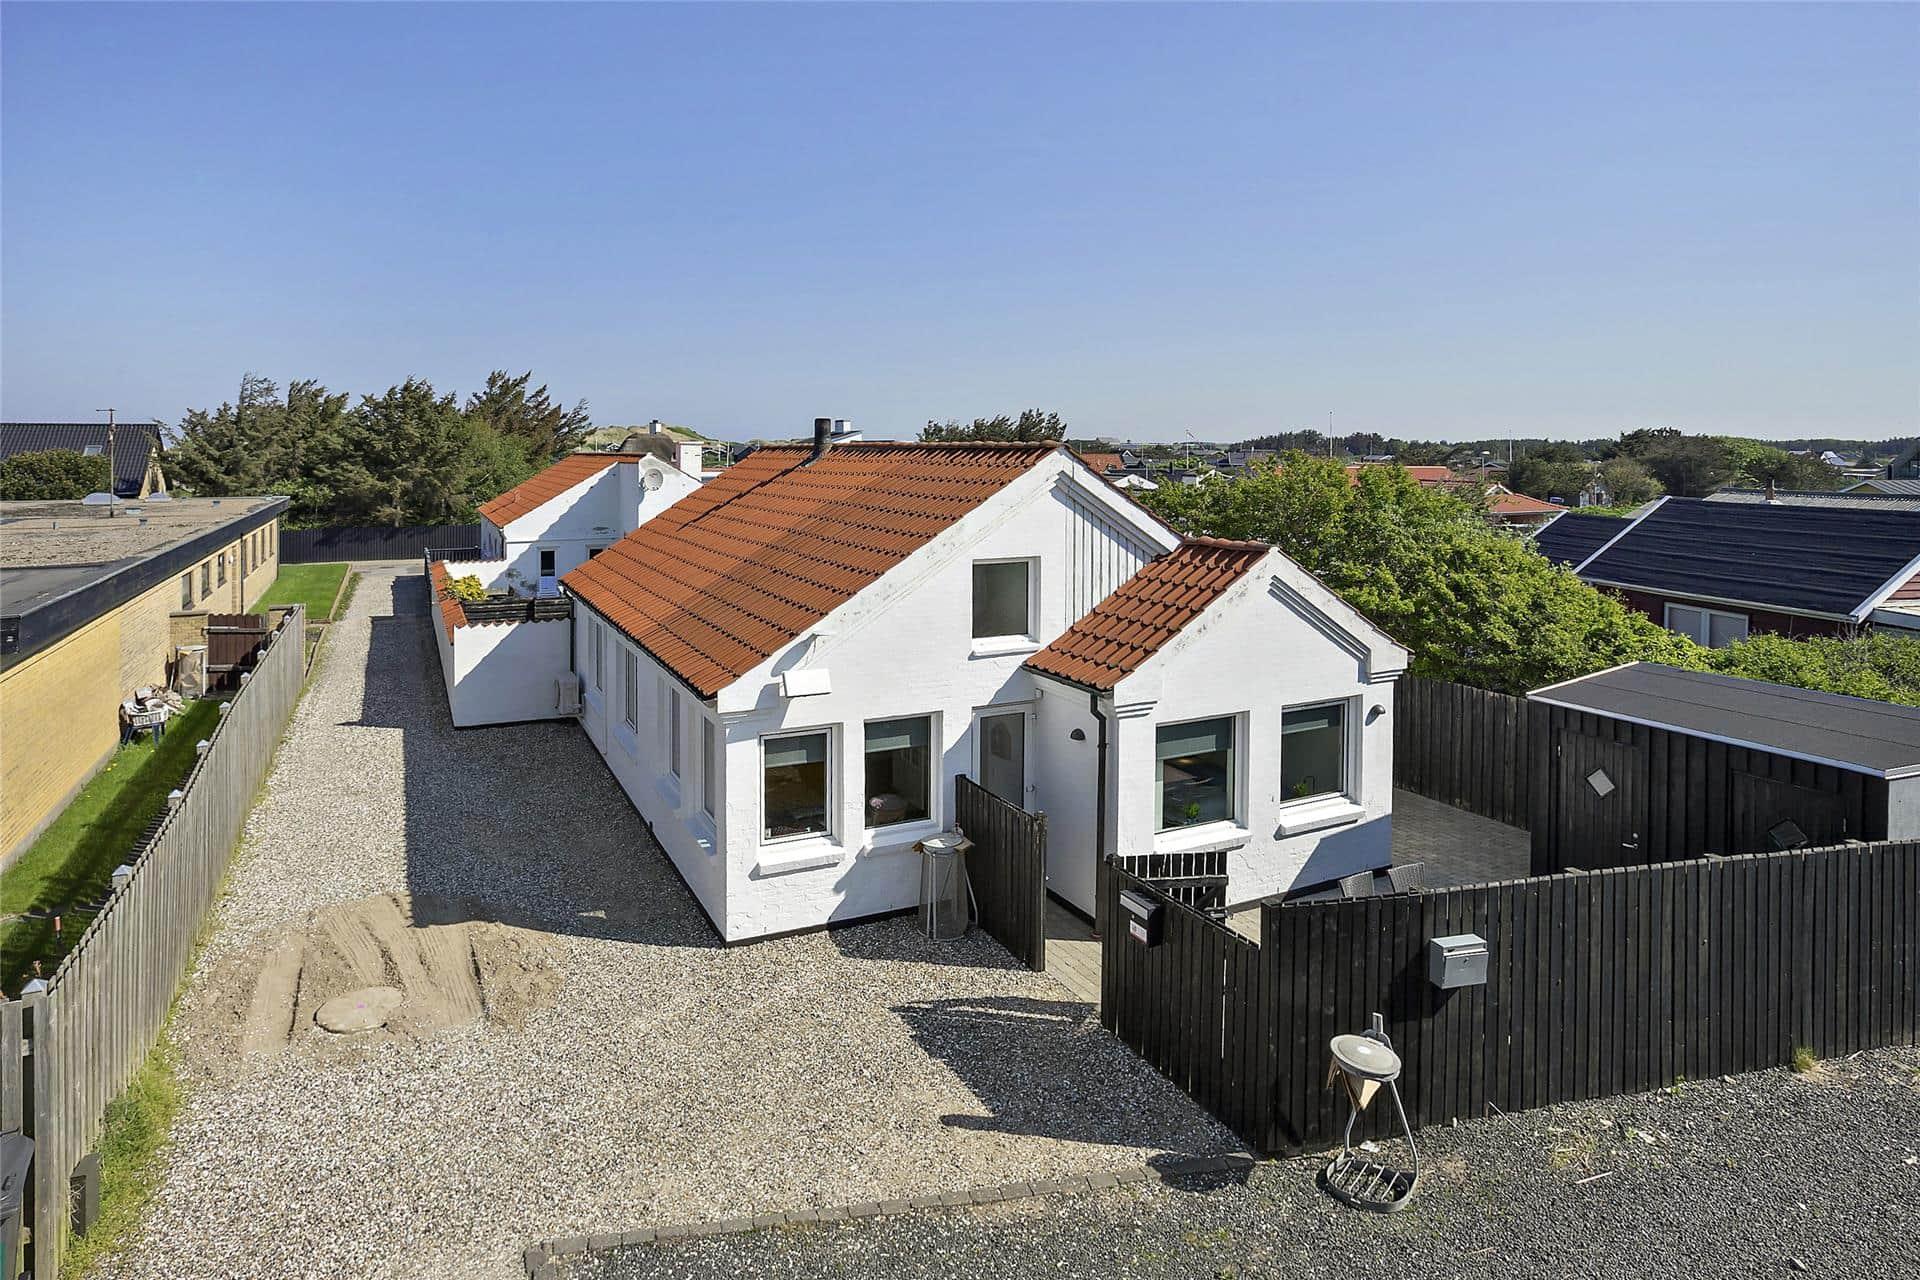 Billede 1-177 Sommerhus LK868, Aavej 6, DK - 9480 Løkken